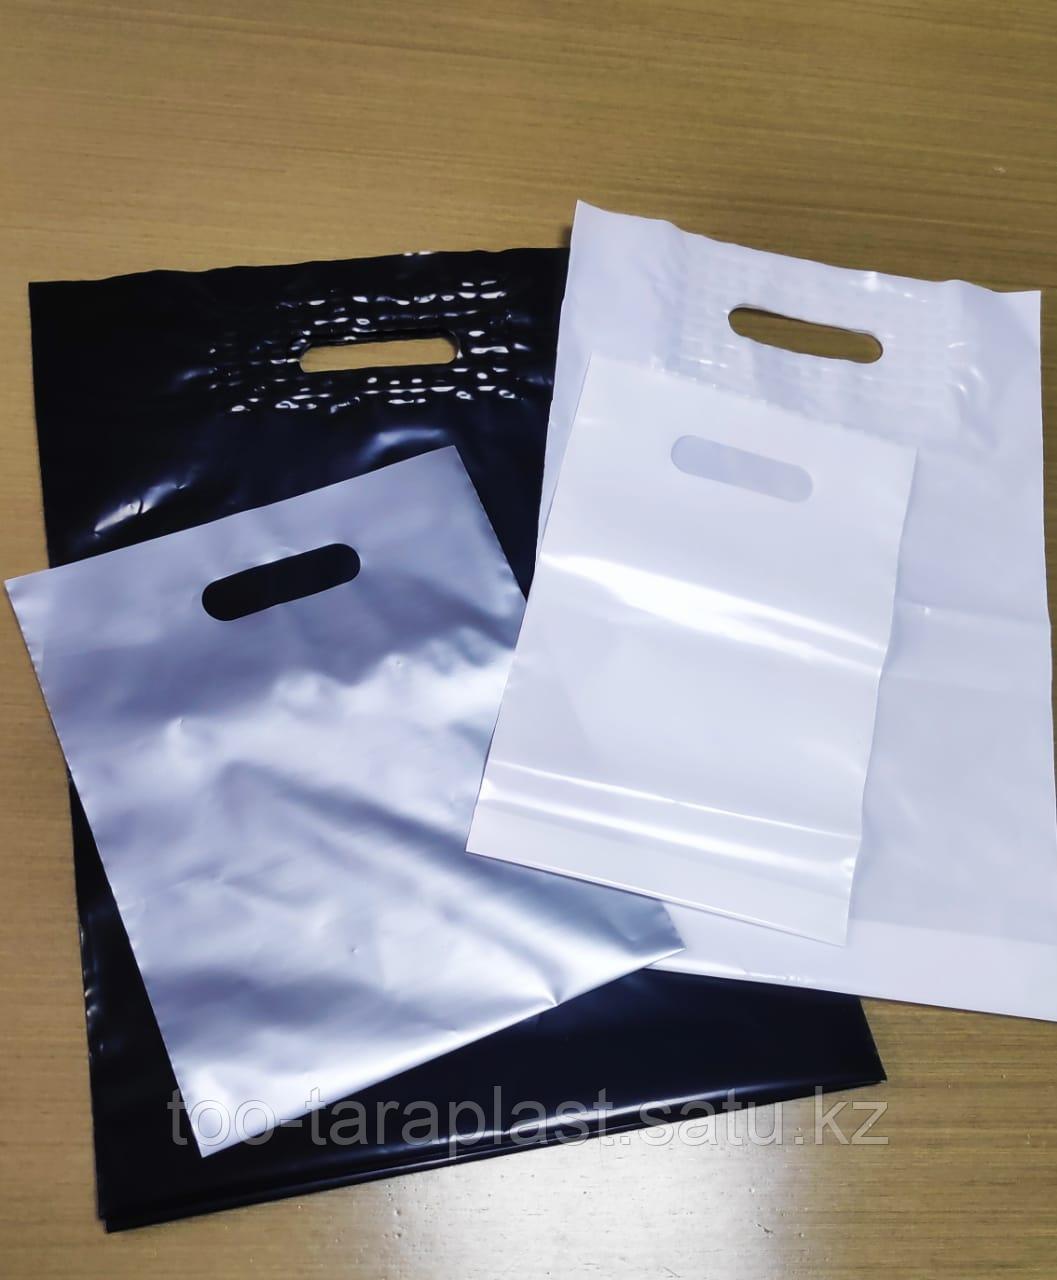 Пакеты полиэтиленовые 24*35см - фото 1